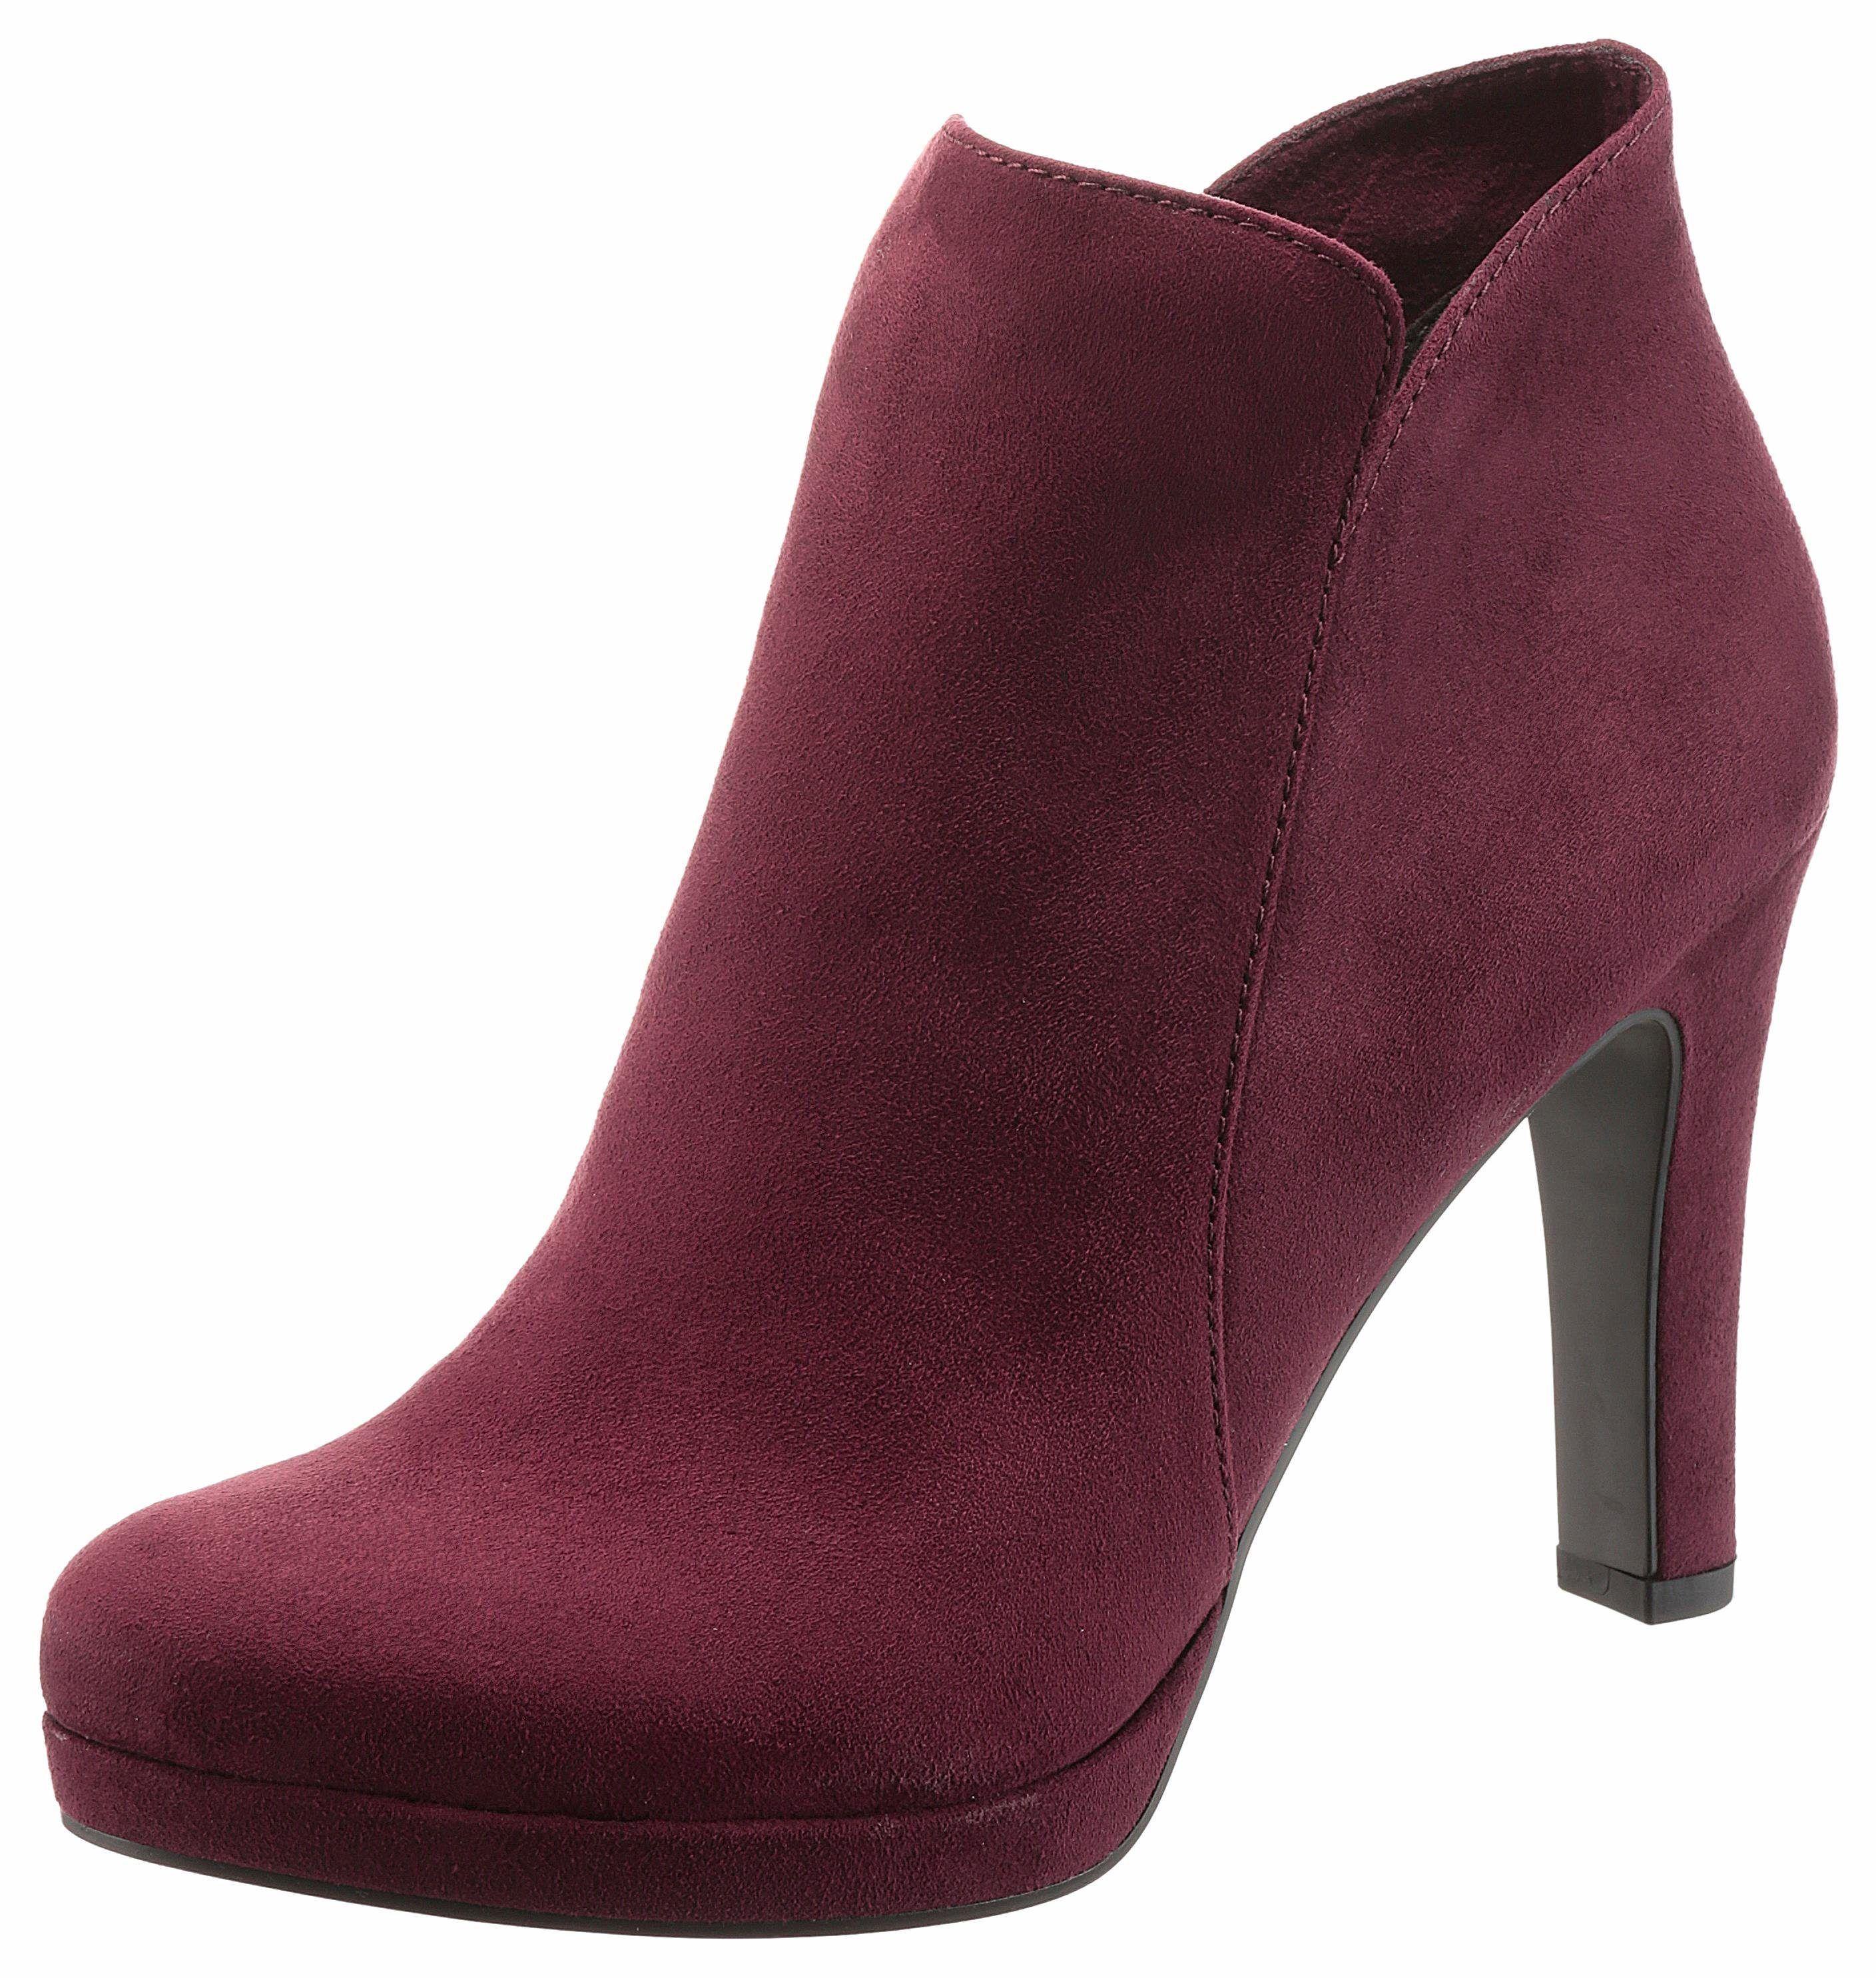 Deze donkerrode Tamaris highheel-laarsjes, zorgen ervoor dat jij jouw outfit helemaal af maakt! Vind jij het leuk als je schoenen geen standaard kleur hebben? Dan zijn deze highheel-laarsjes echt wat voor jou! #ottonl #damesmode #highheels #laarsjes #mode #trendy #fashion